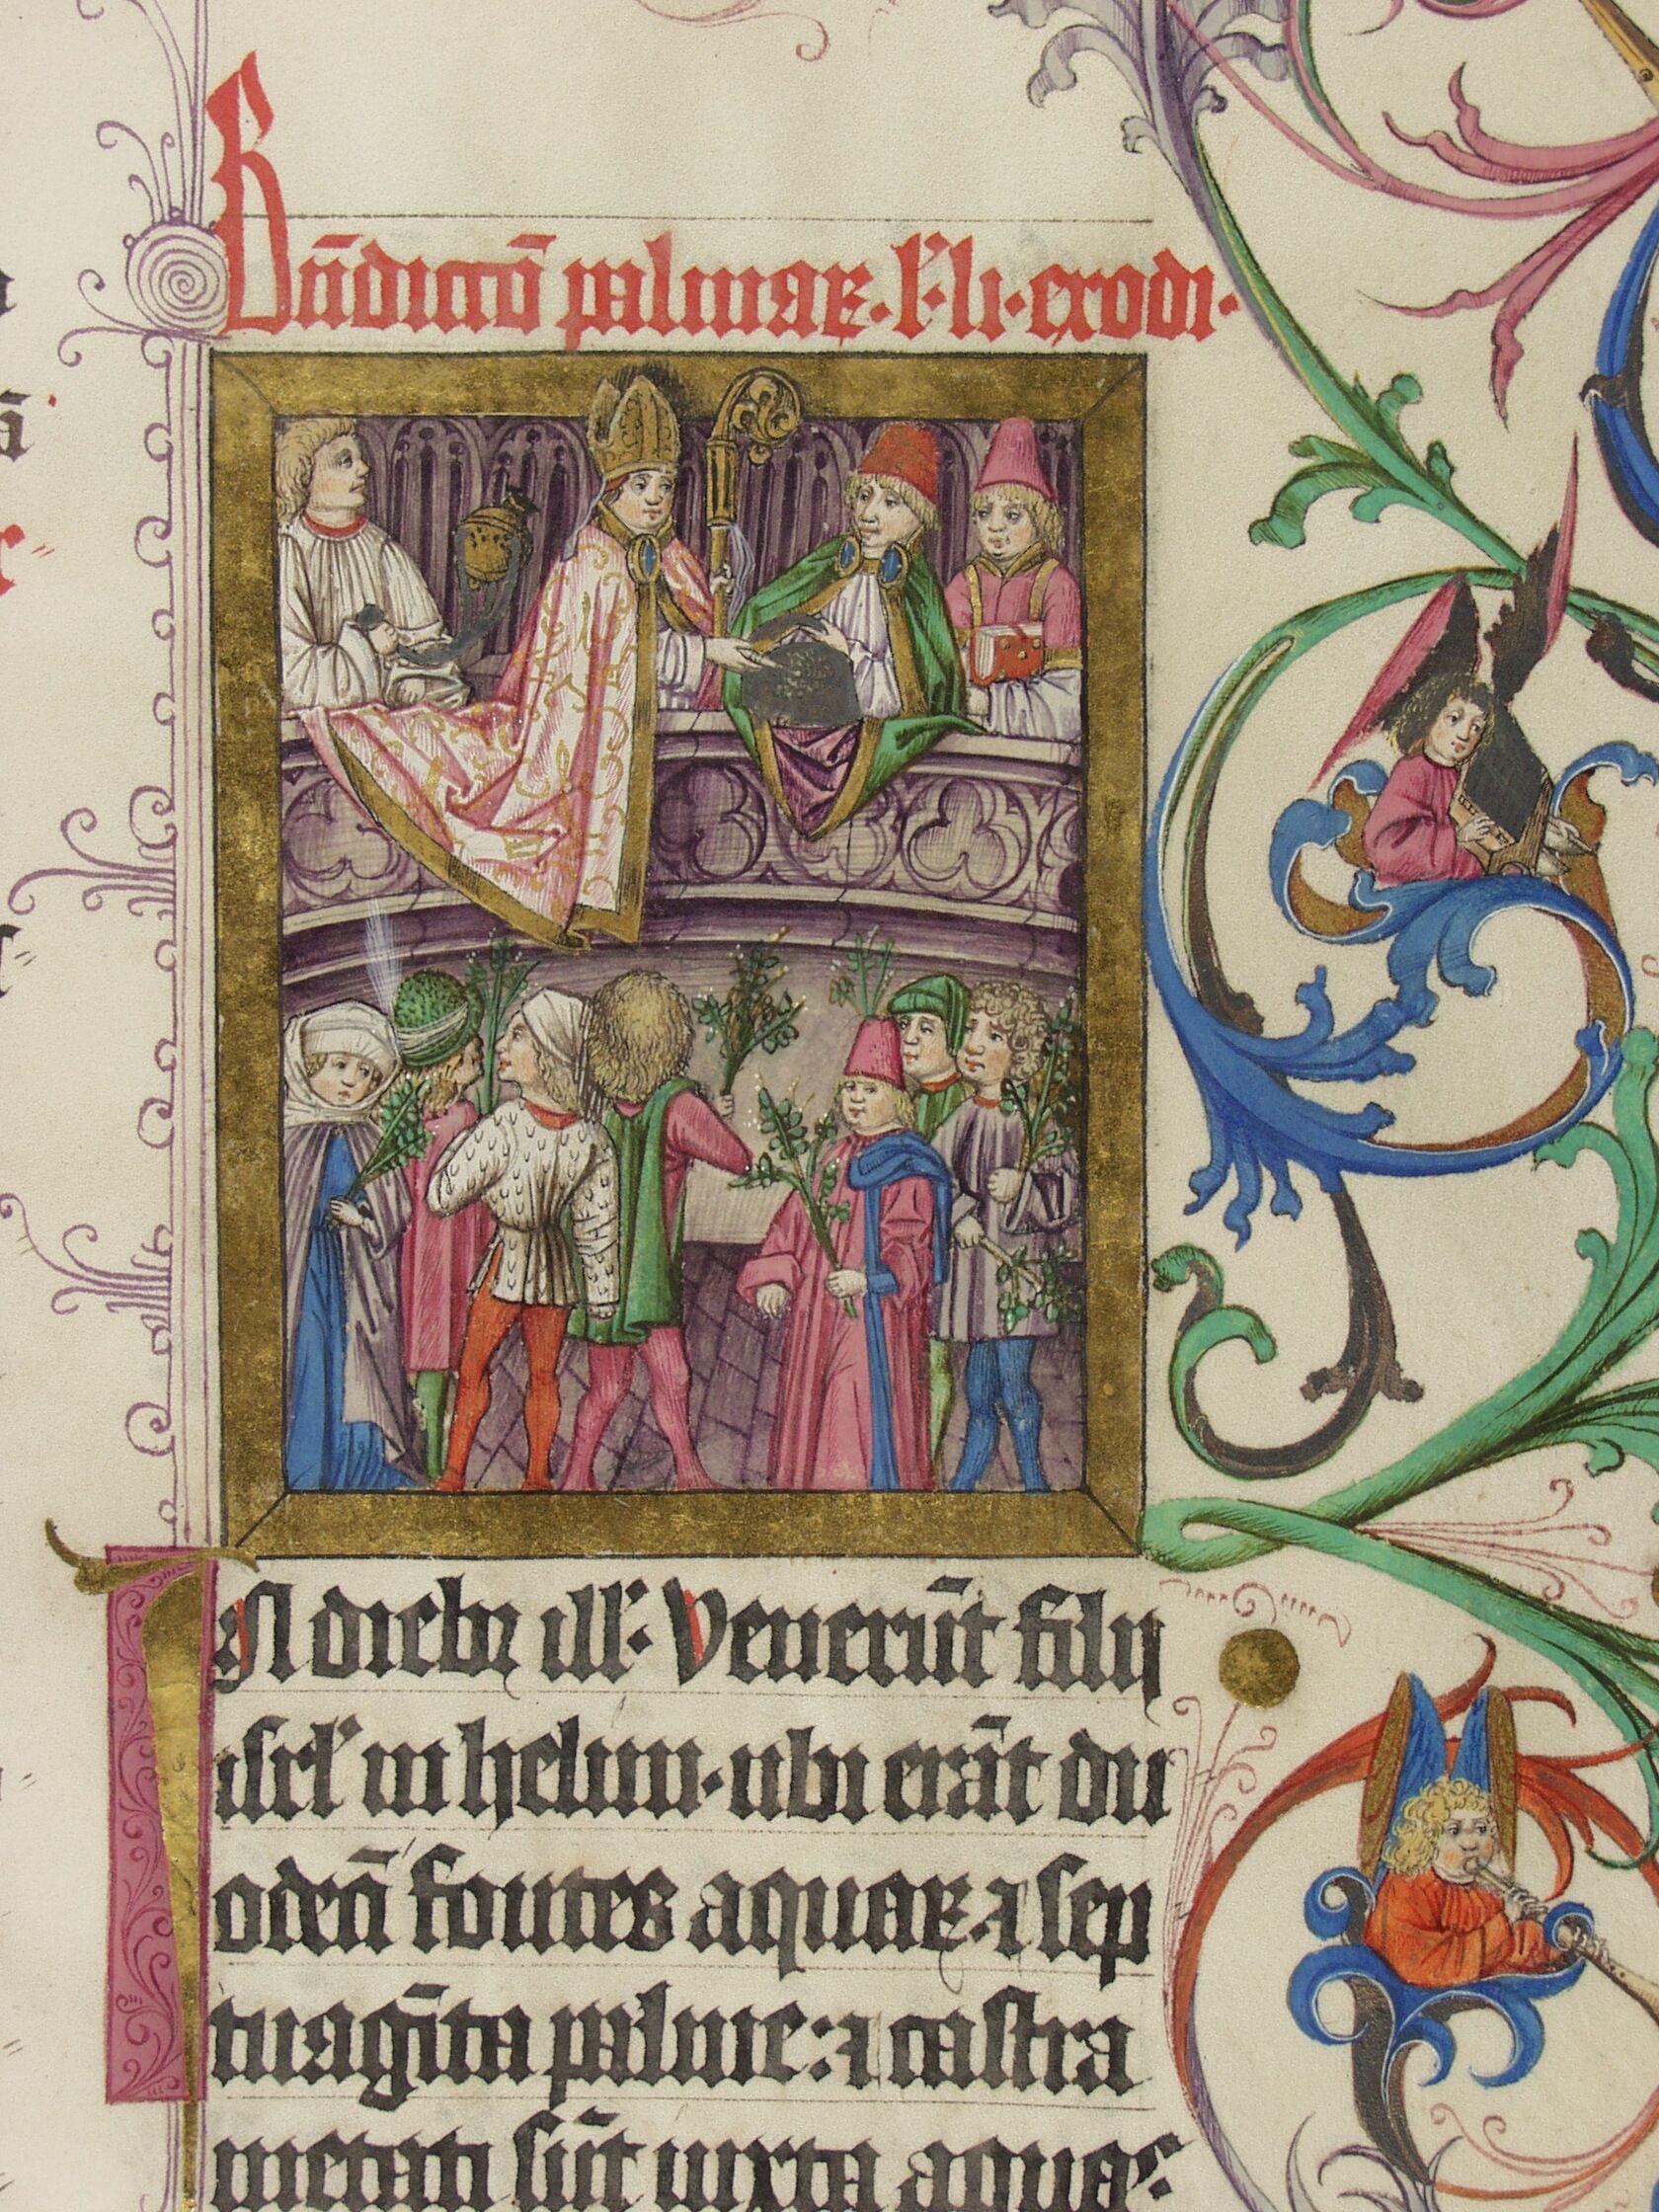 Pontifikale Adolfs Ii Erzbischof Von Mainz Vor 1474 Meister Der Gauklerszene Im Hausbuch Blatt149r Antikes Buch Bucher Erzbischof